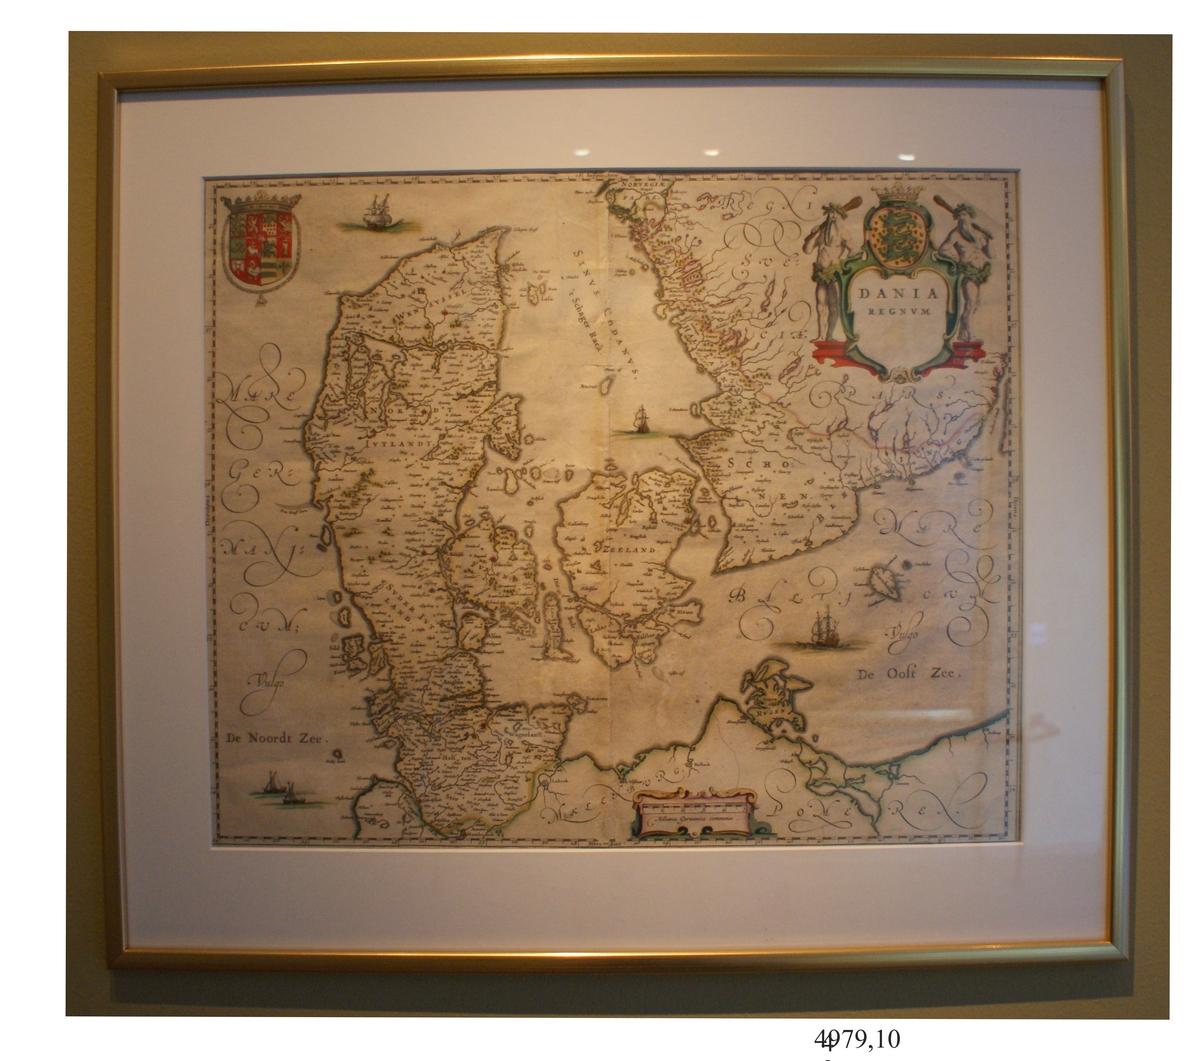 Karta, Dania Regnum. 1600-talet